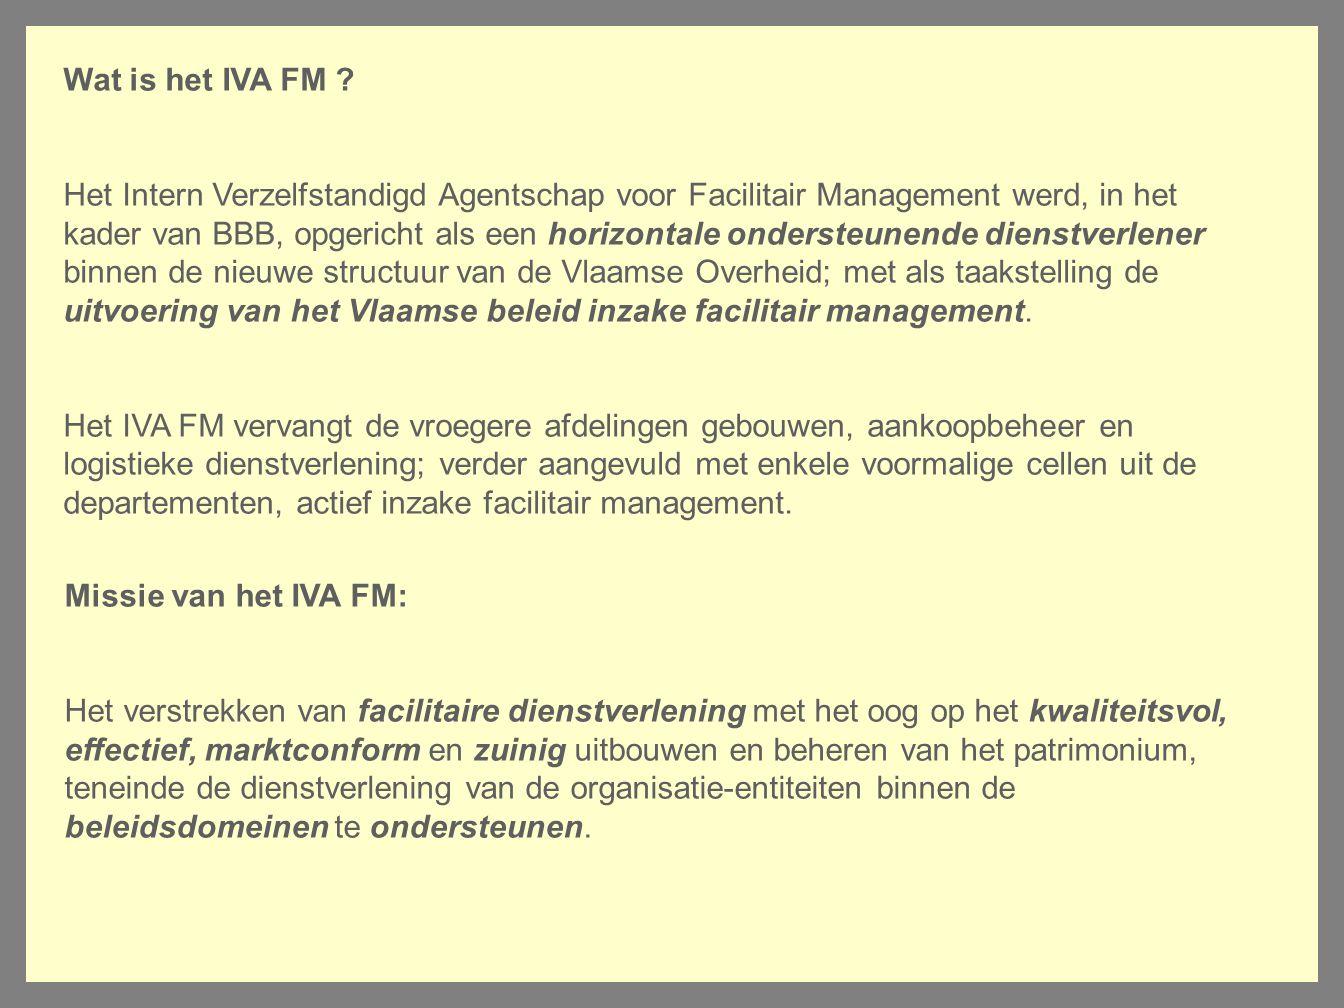 Wat is het IVA FM